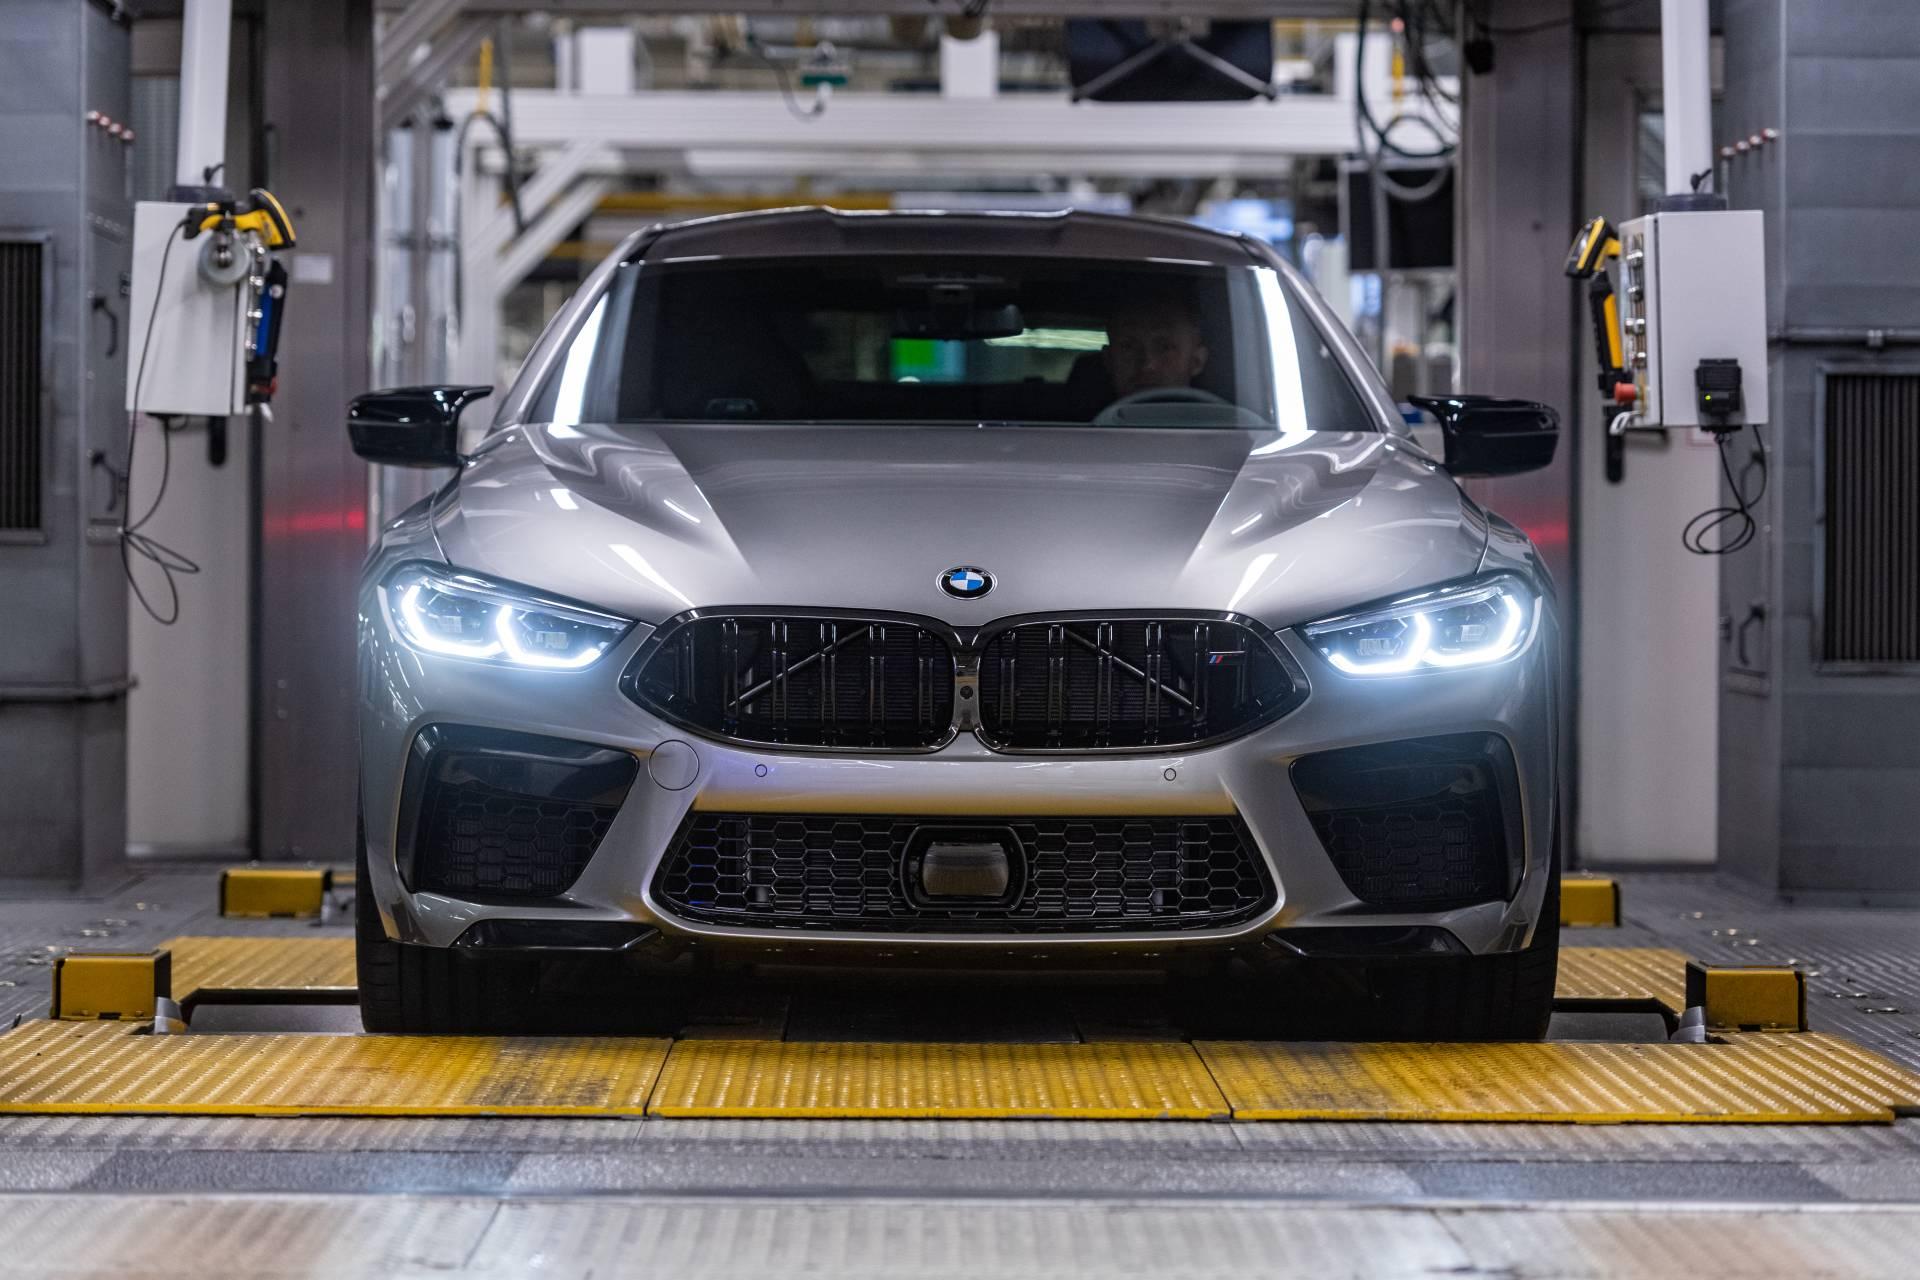 Car Show 2020.2020 Bmw M8 Gran Coupe Enters Production Ahead Of La Auto